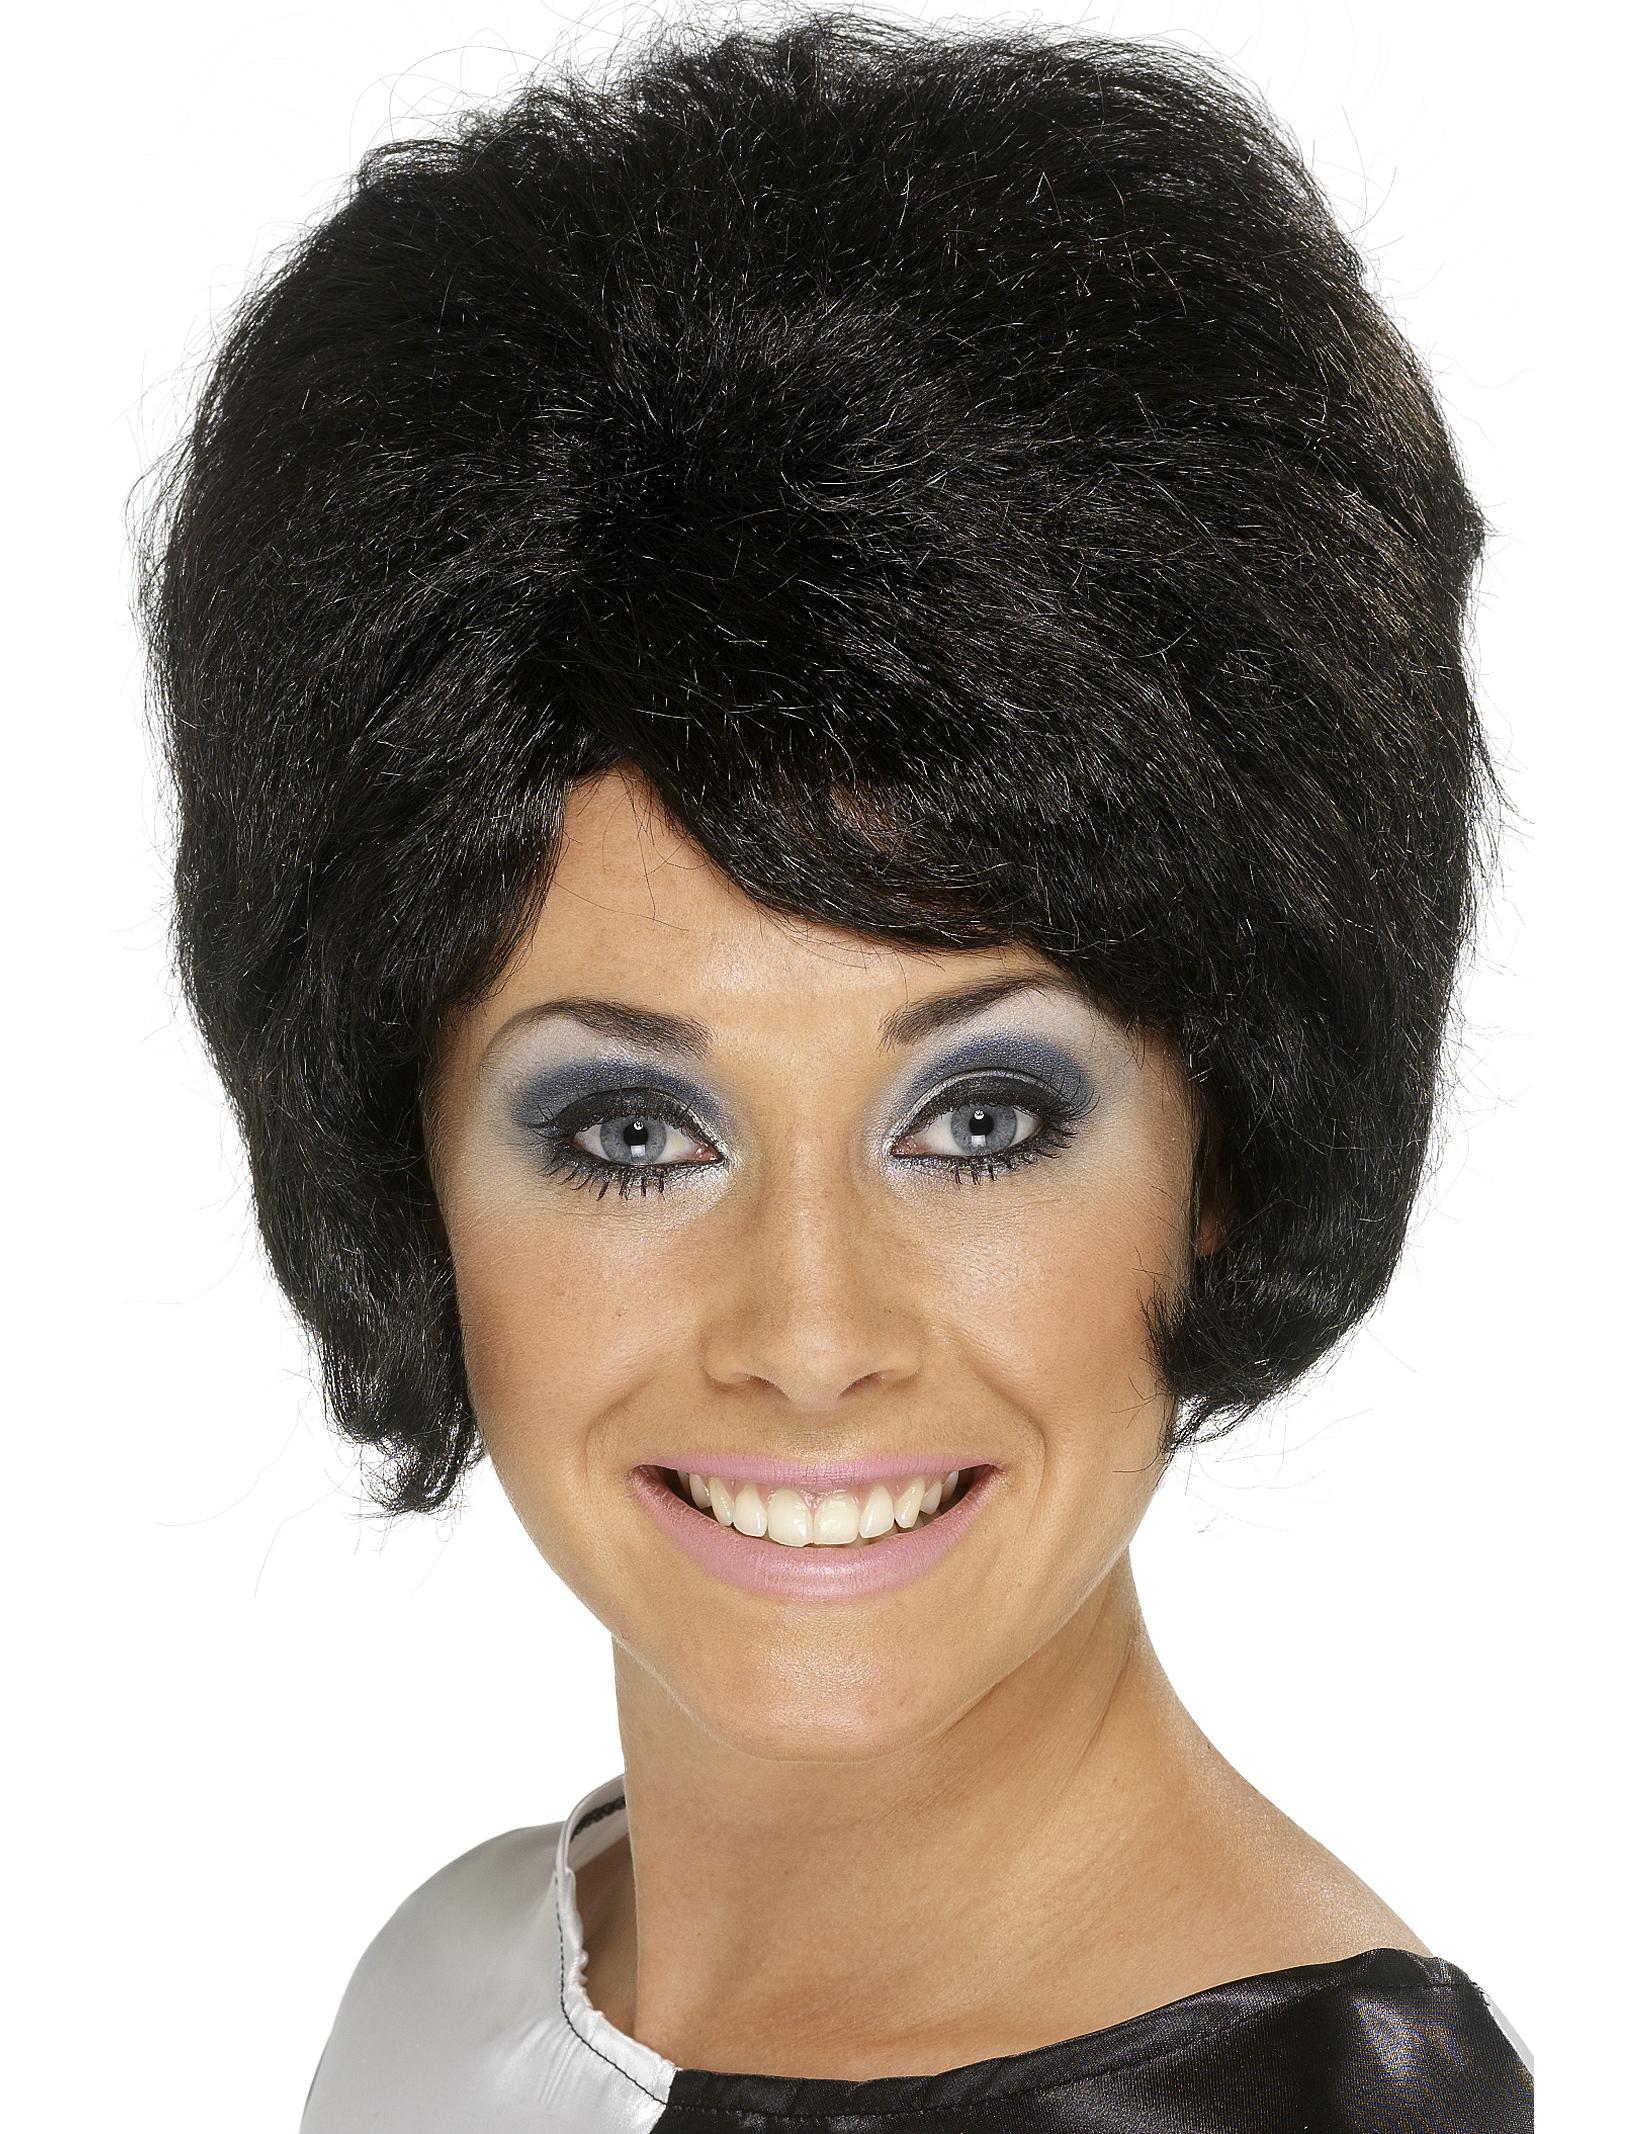 Frisuren Für Lange Haare Zum Selber Machen Festlich